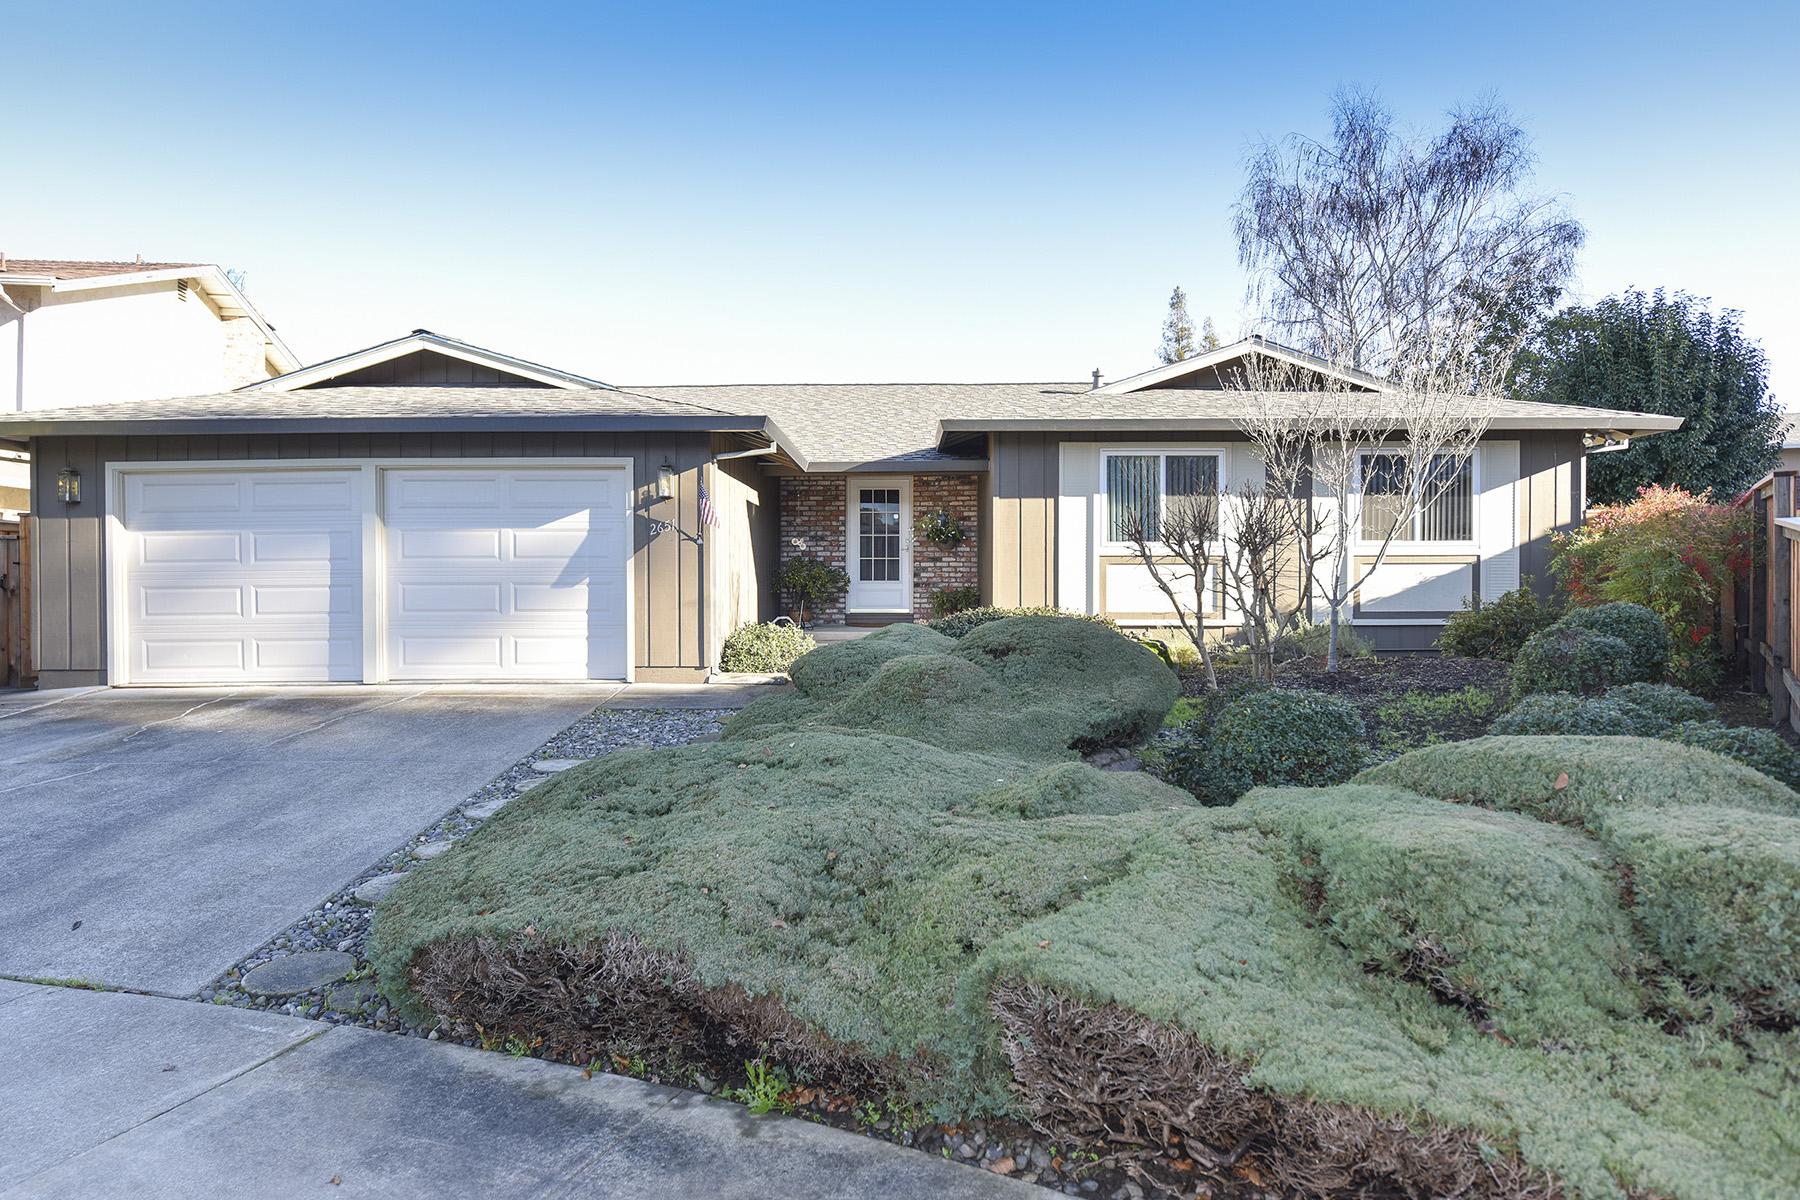 sales property at 2651 Basswood Ct, Napa, CA 94558